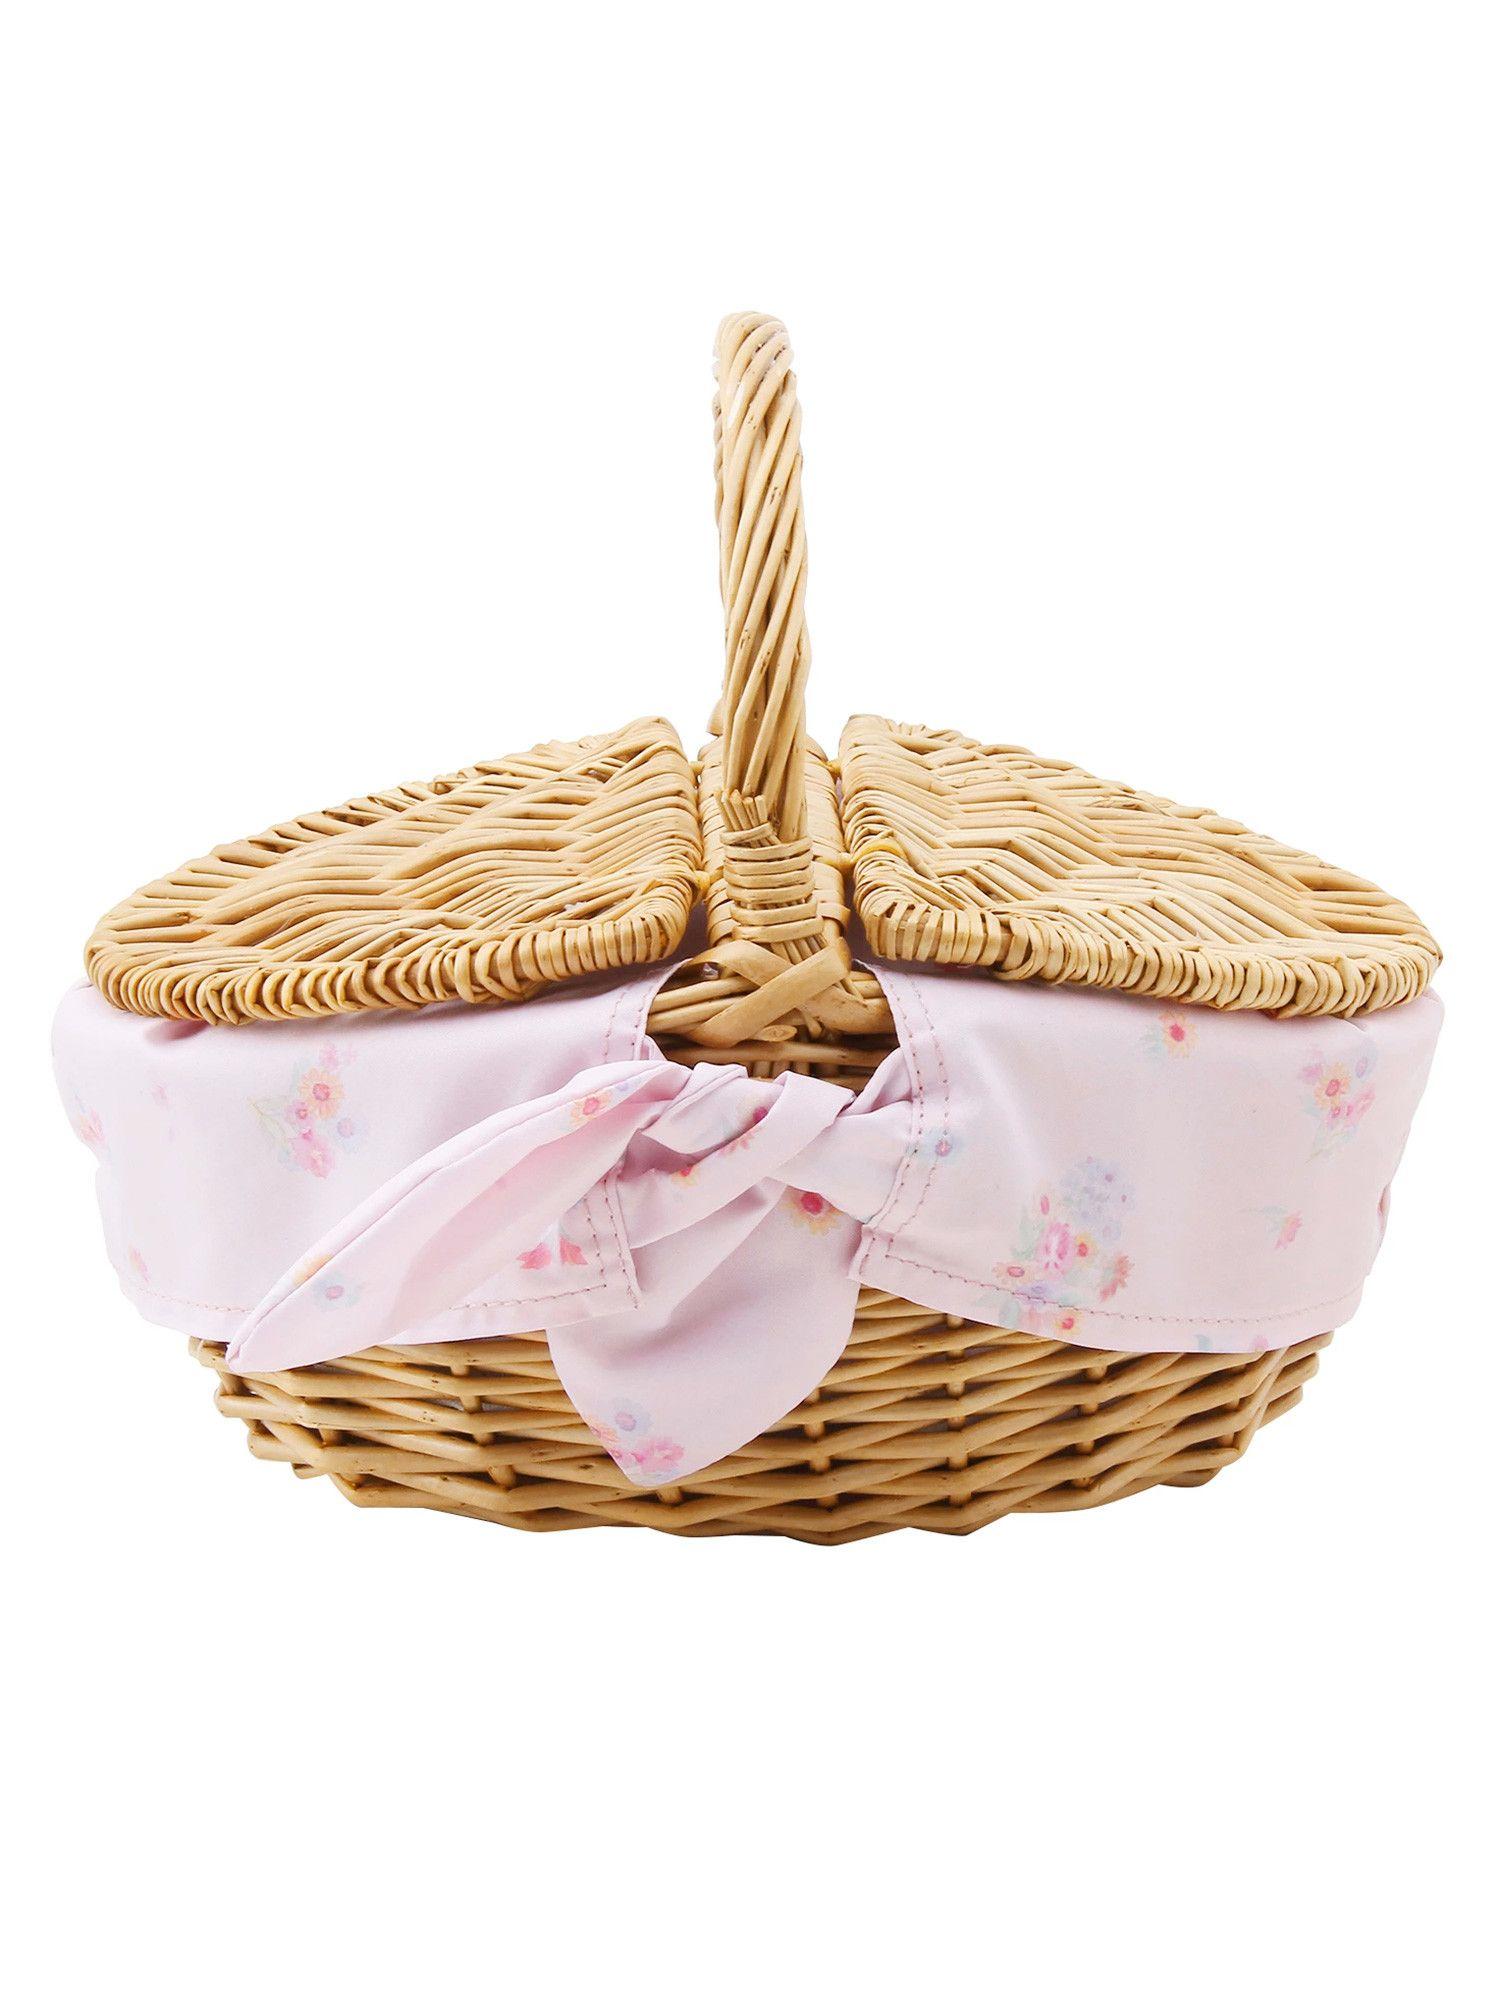 [商品]花围巾篮